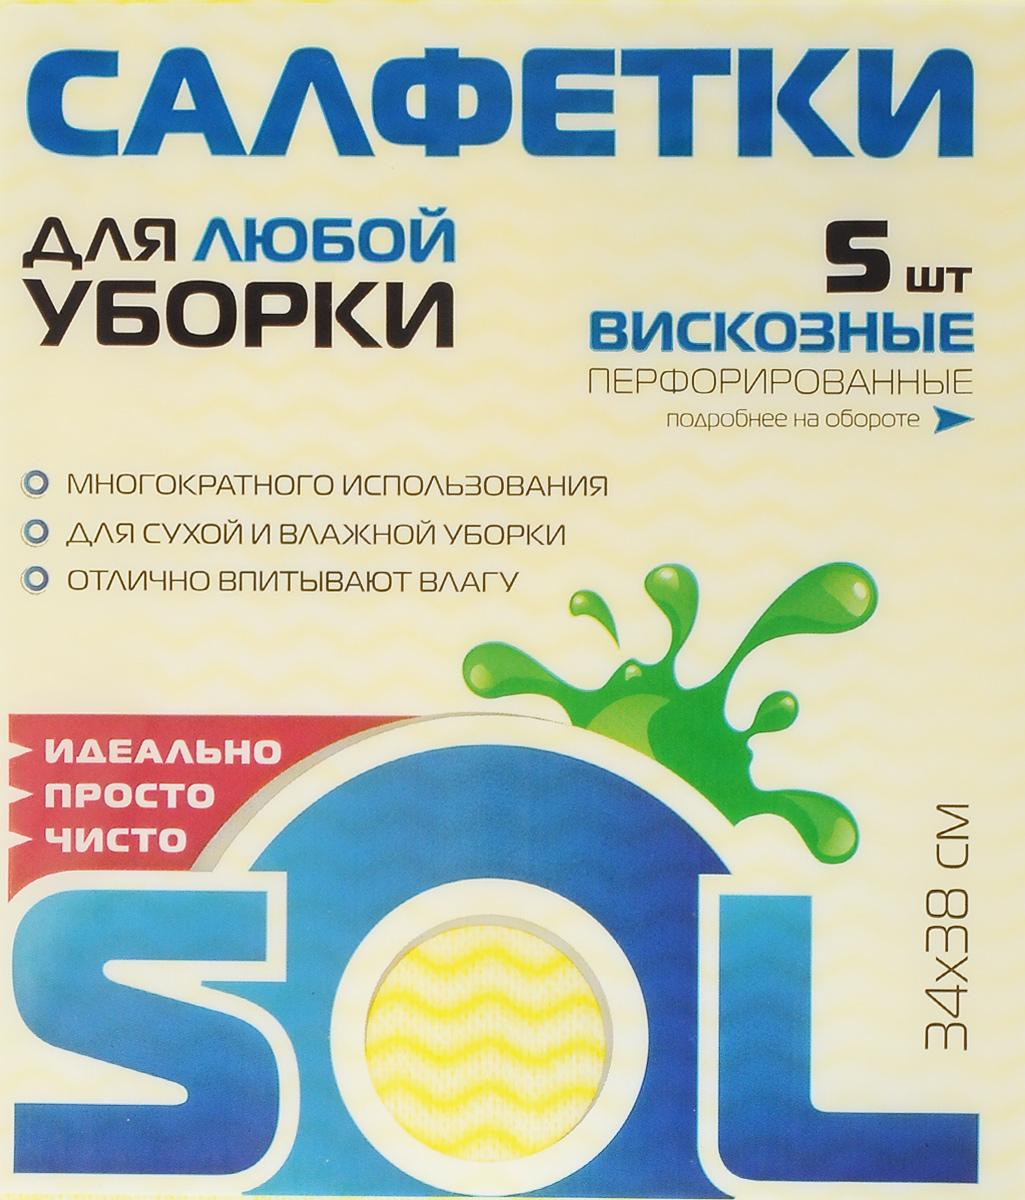 Салфетка для уборки Sol, из вискозы, перфорированная, цвет: желтый, 34 x 38 см, 5 шт10005/10053_желтый (новый дизайн упаковки)Перфорированные салфетки Sol, выполненные из вискозы, предназначены для сухой и влажной уборки и могут применяться с различными моющими средствами. Благодаря перфорации салфетка быстро высыхает, что позволяет избежать возникновения неприятных запахов. Отлично подходит для полировки различных поверхностей, не оставляет разводов и ворсинок, хорошо впитывает влагу. Рекомендации по уходу: Для обеспечения гигиеничности уборки после применения прополоскать в теплой воде.Для продления срока службы не применять машинную стирку, не гладить и не кипятить.